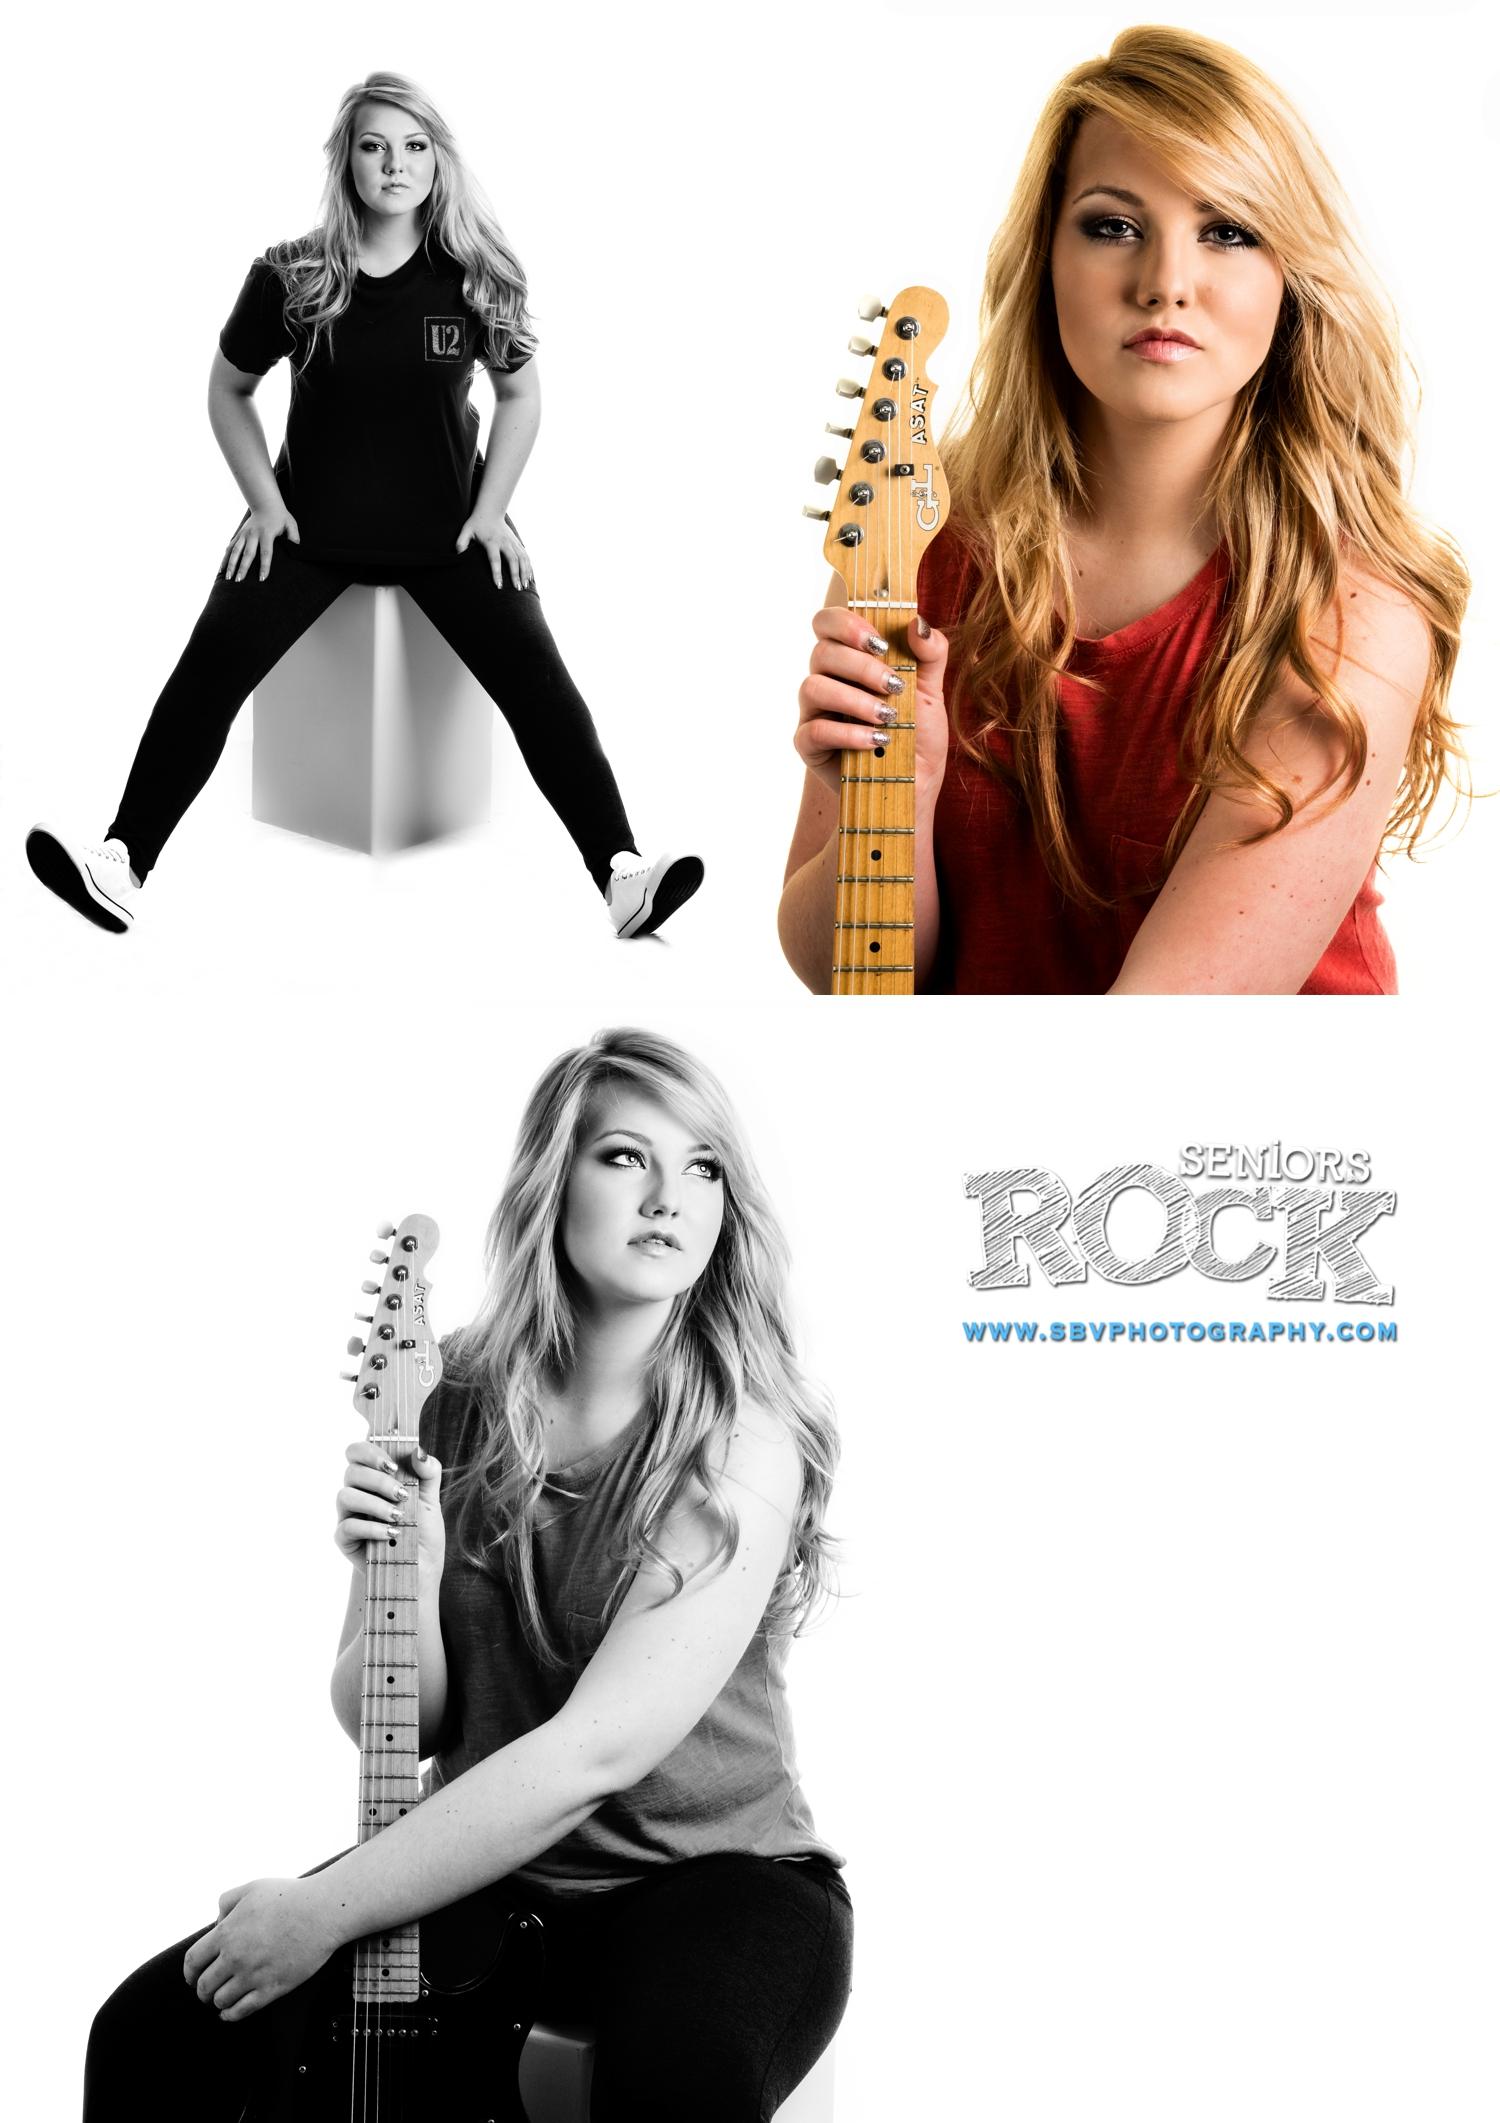 senior-girl-rock-star-collage.jpg